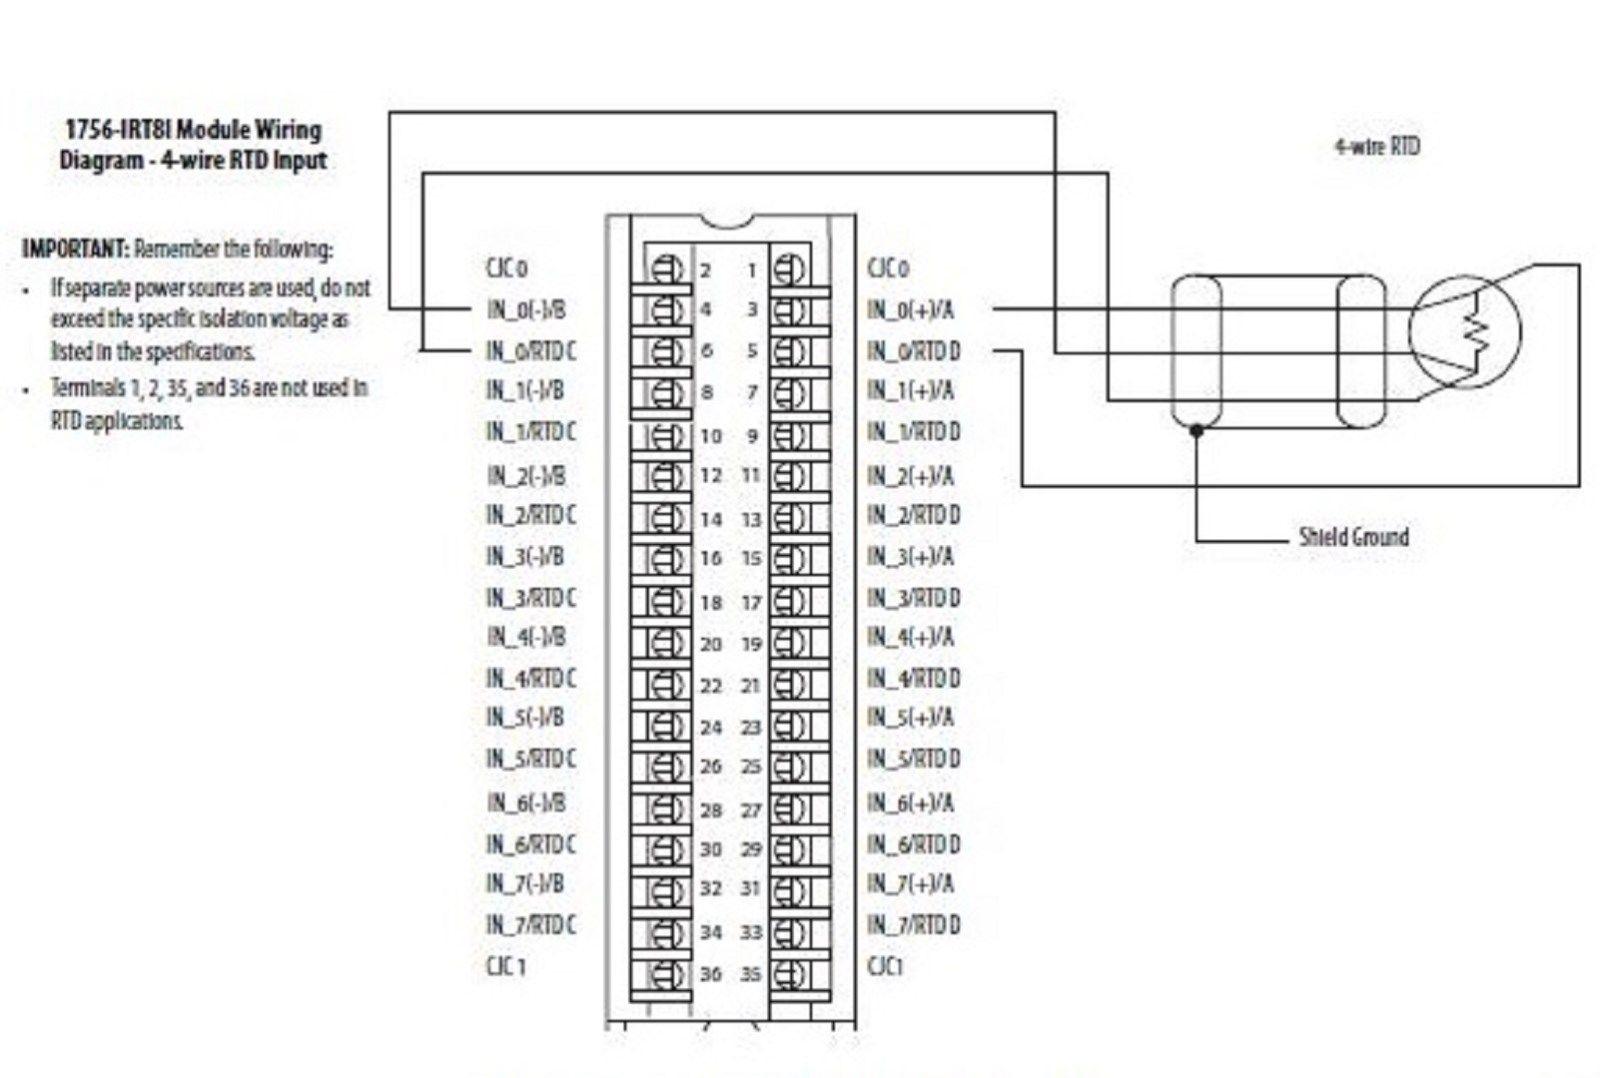 Allen dley 1756 If6i Wiring Diagram - Somurich.com on